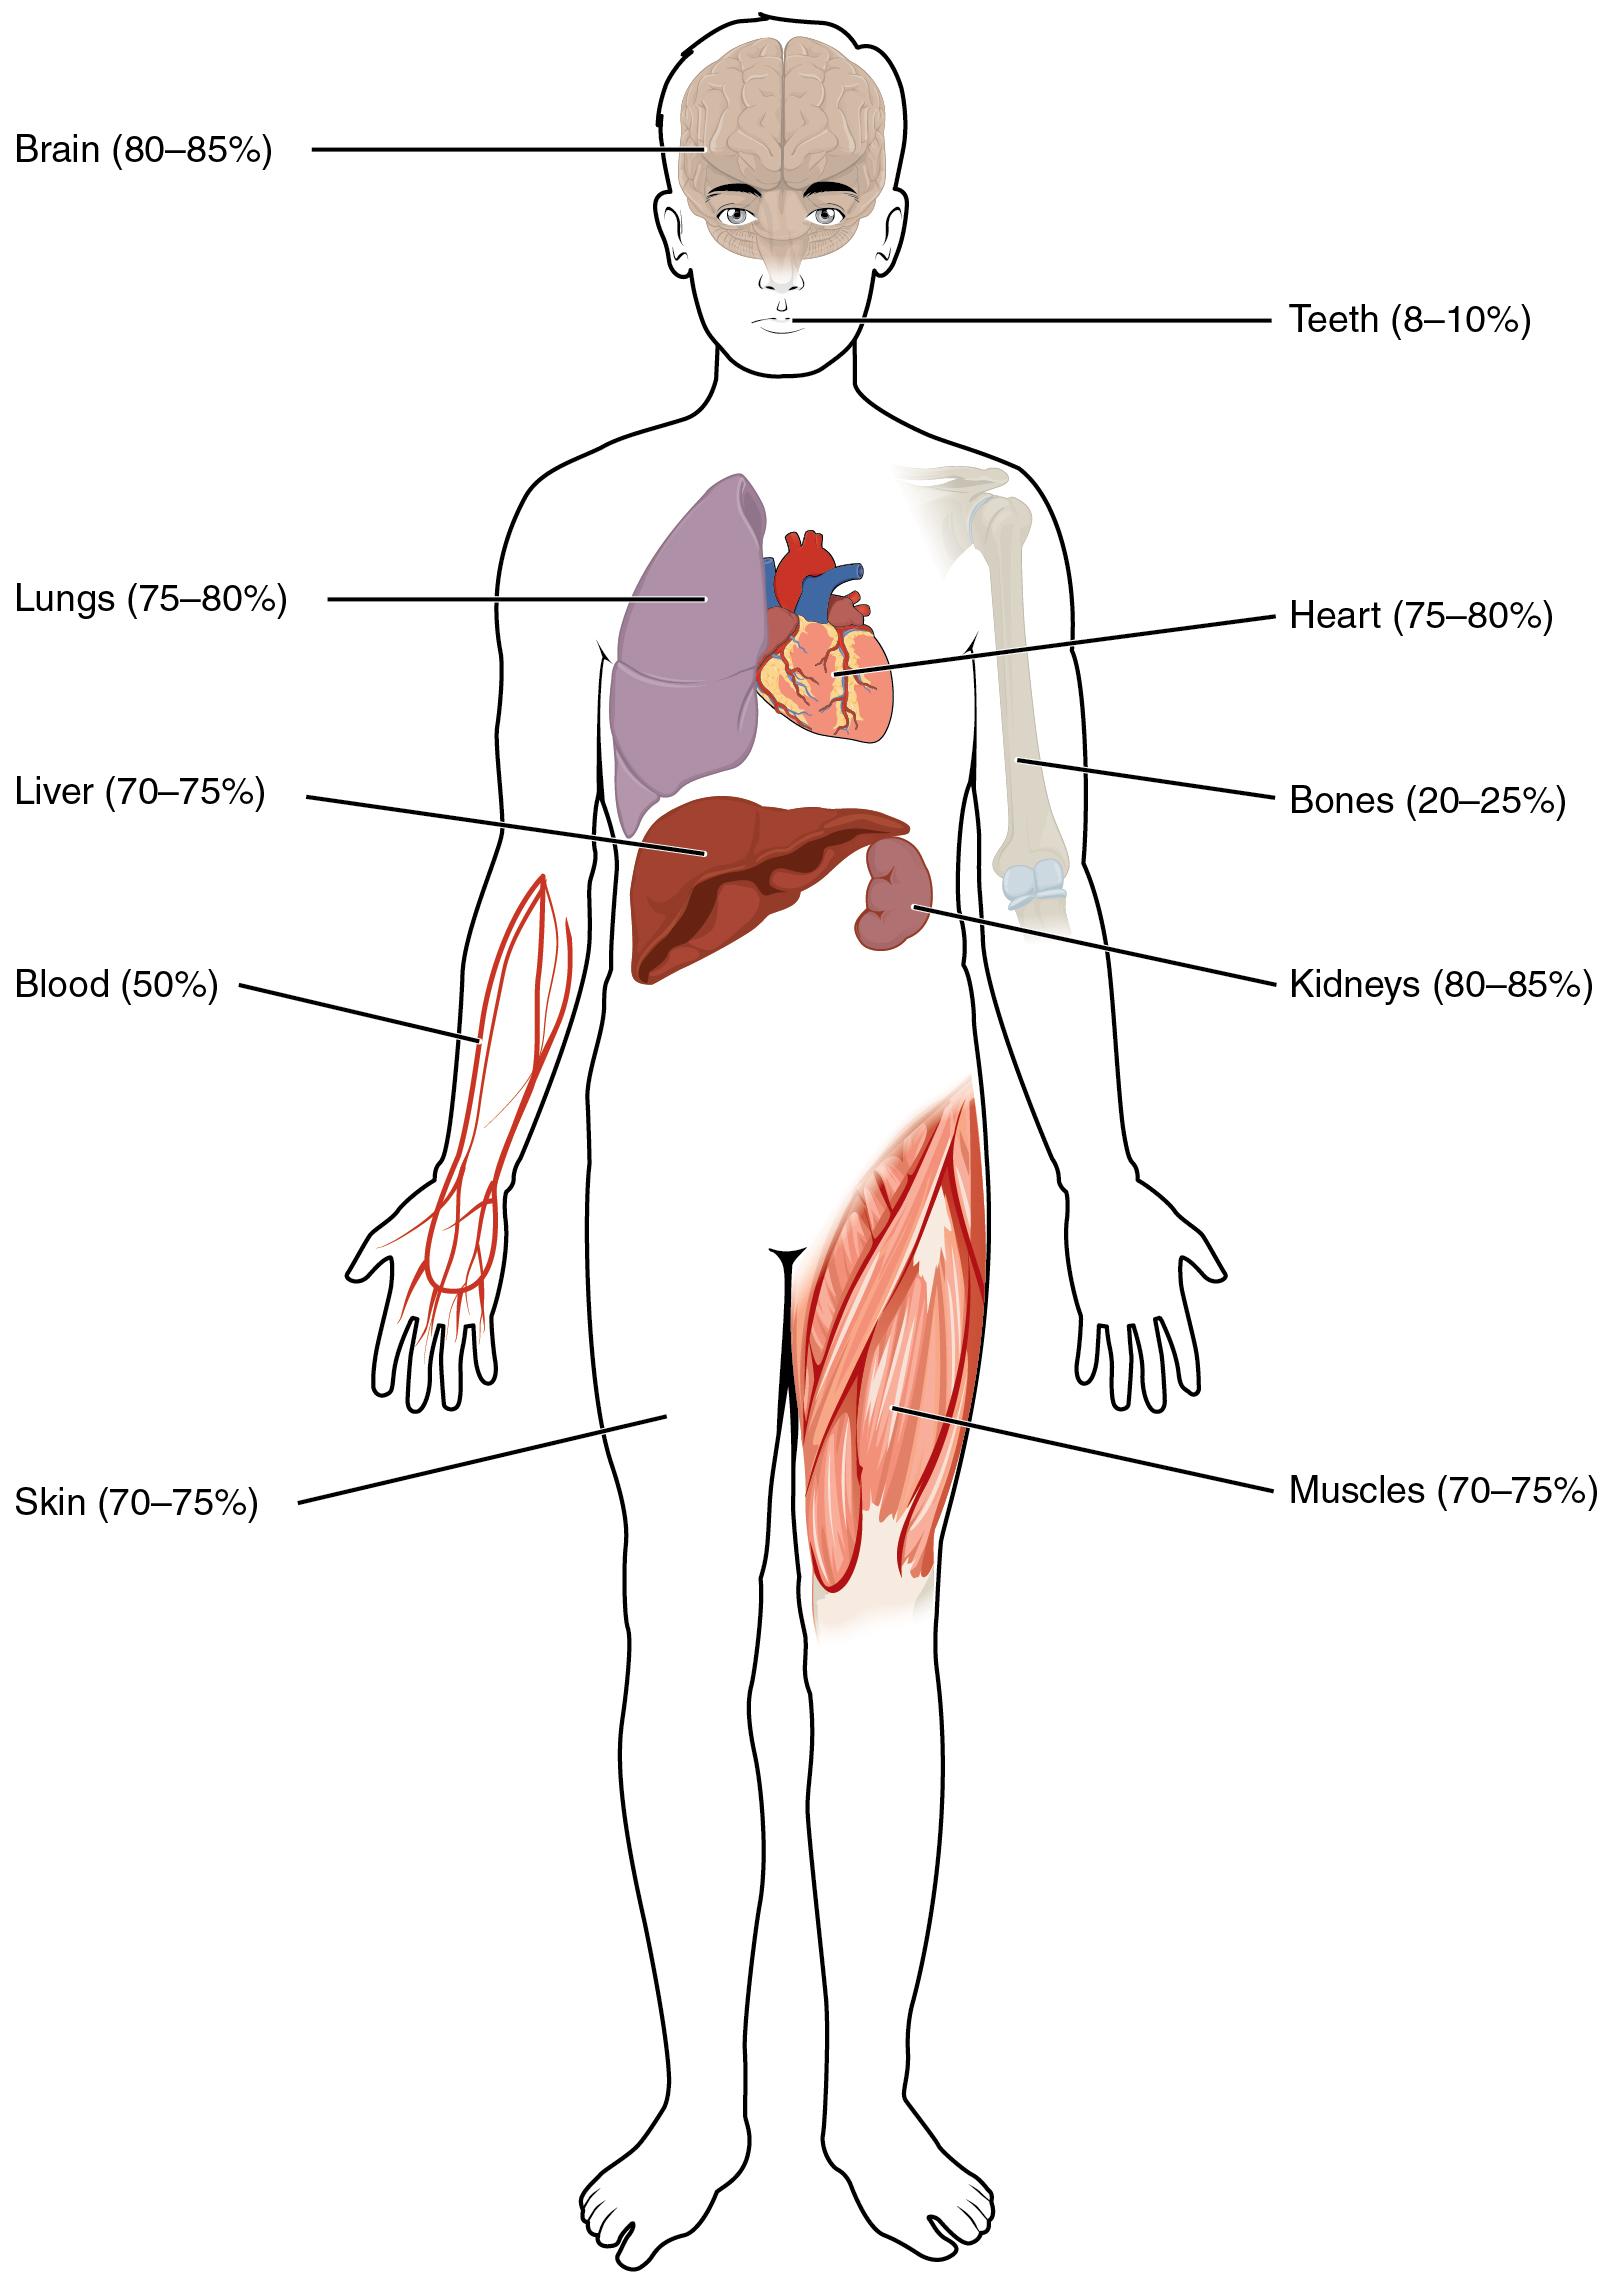 Der Wasser- und Natriumhaushalt im menschlichen Körper